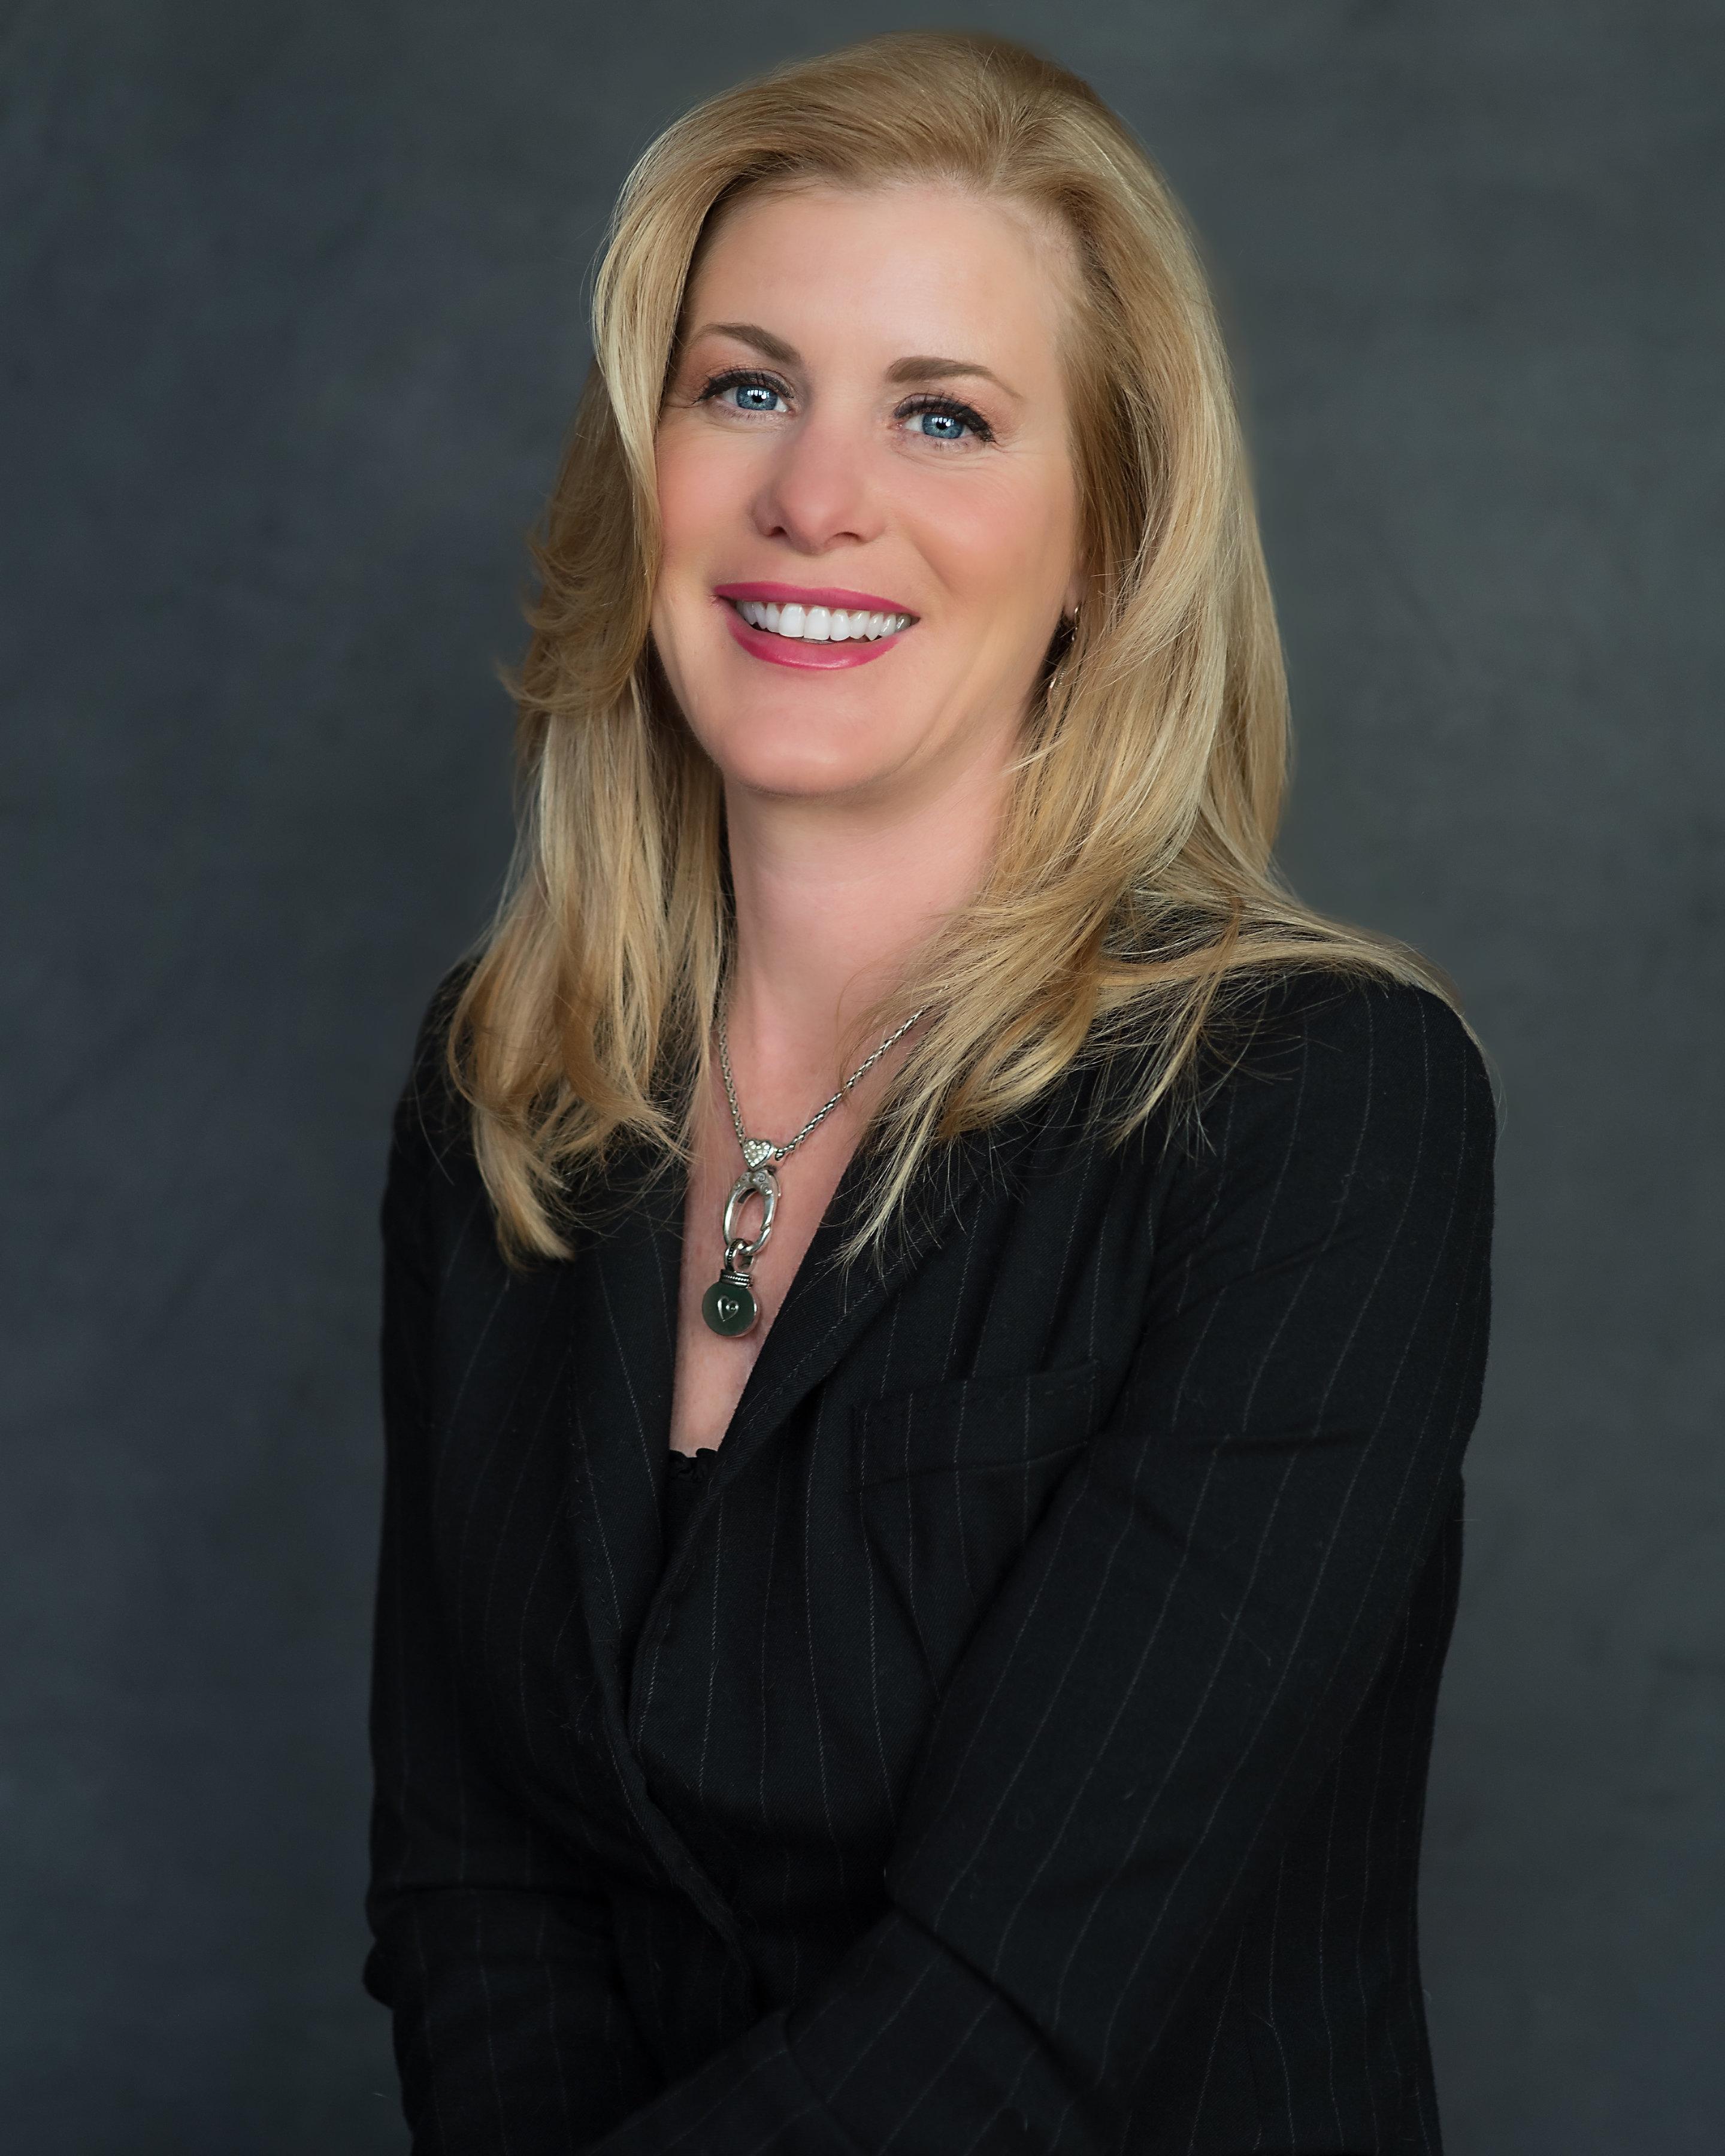 Laura Burkett